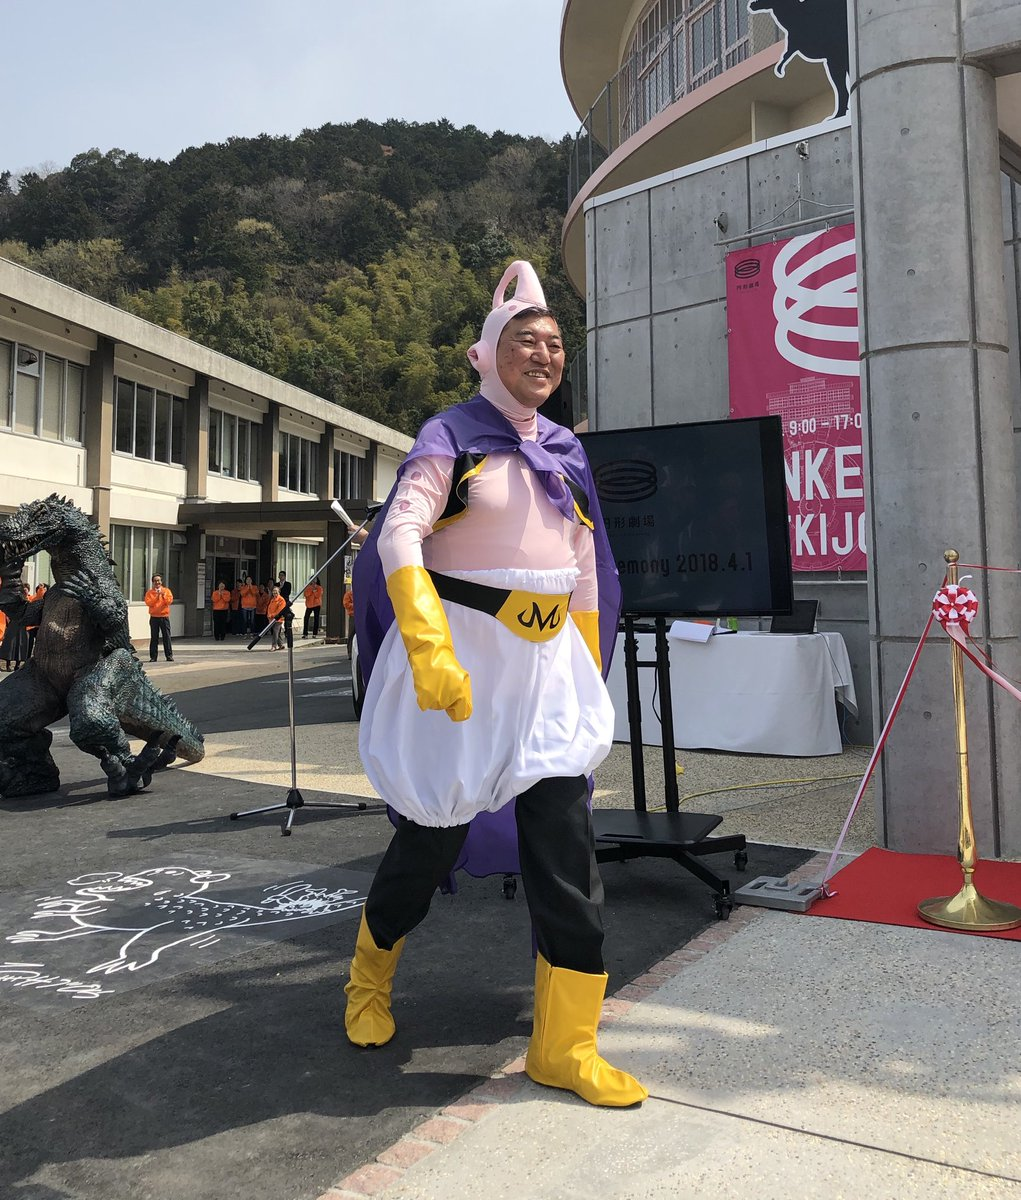 DZq1JW UQAUm0F  Chuyện chỉ có ở Nhật: Cựu Bộ trưởng cosplay thành Majin Buu còn Thị trưởng thành Songoku